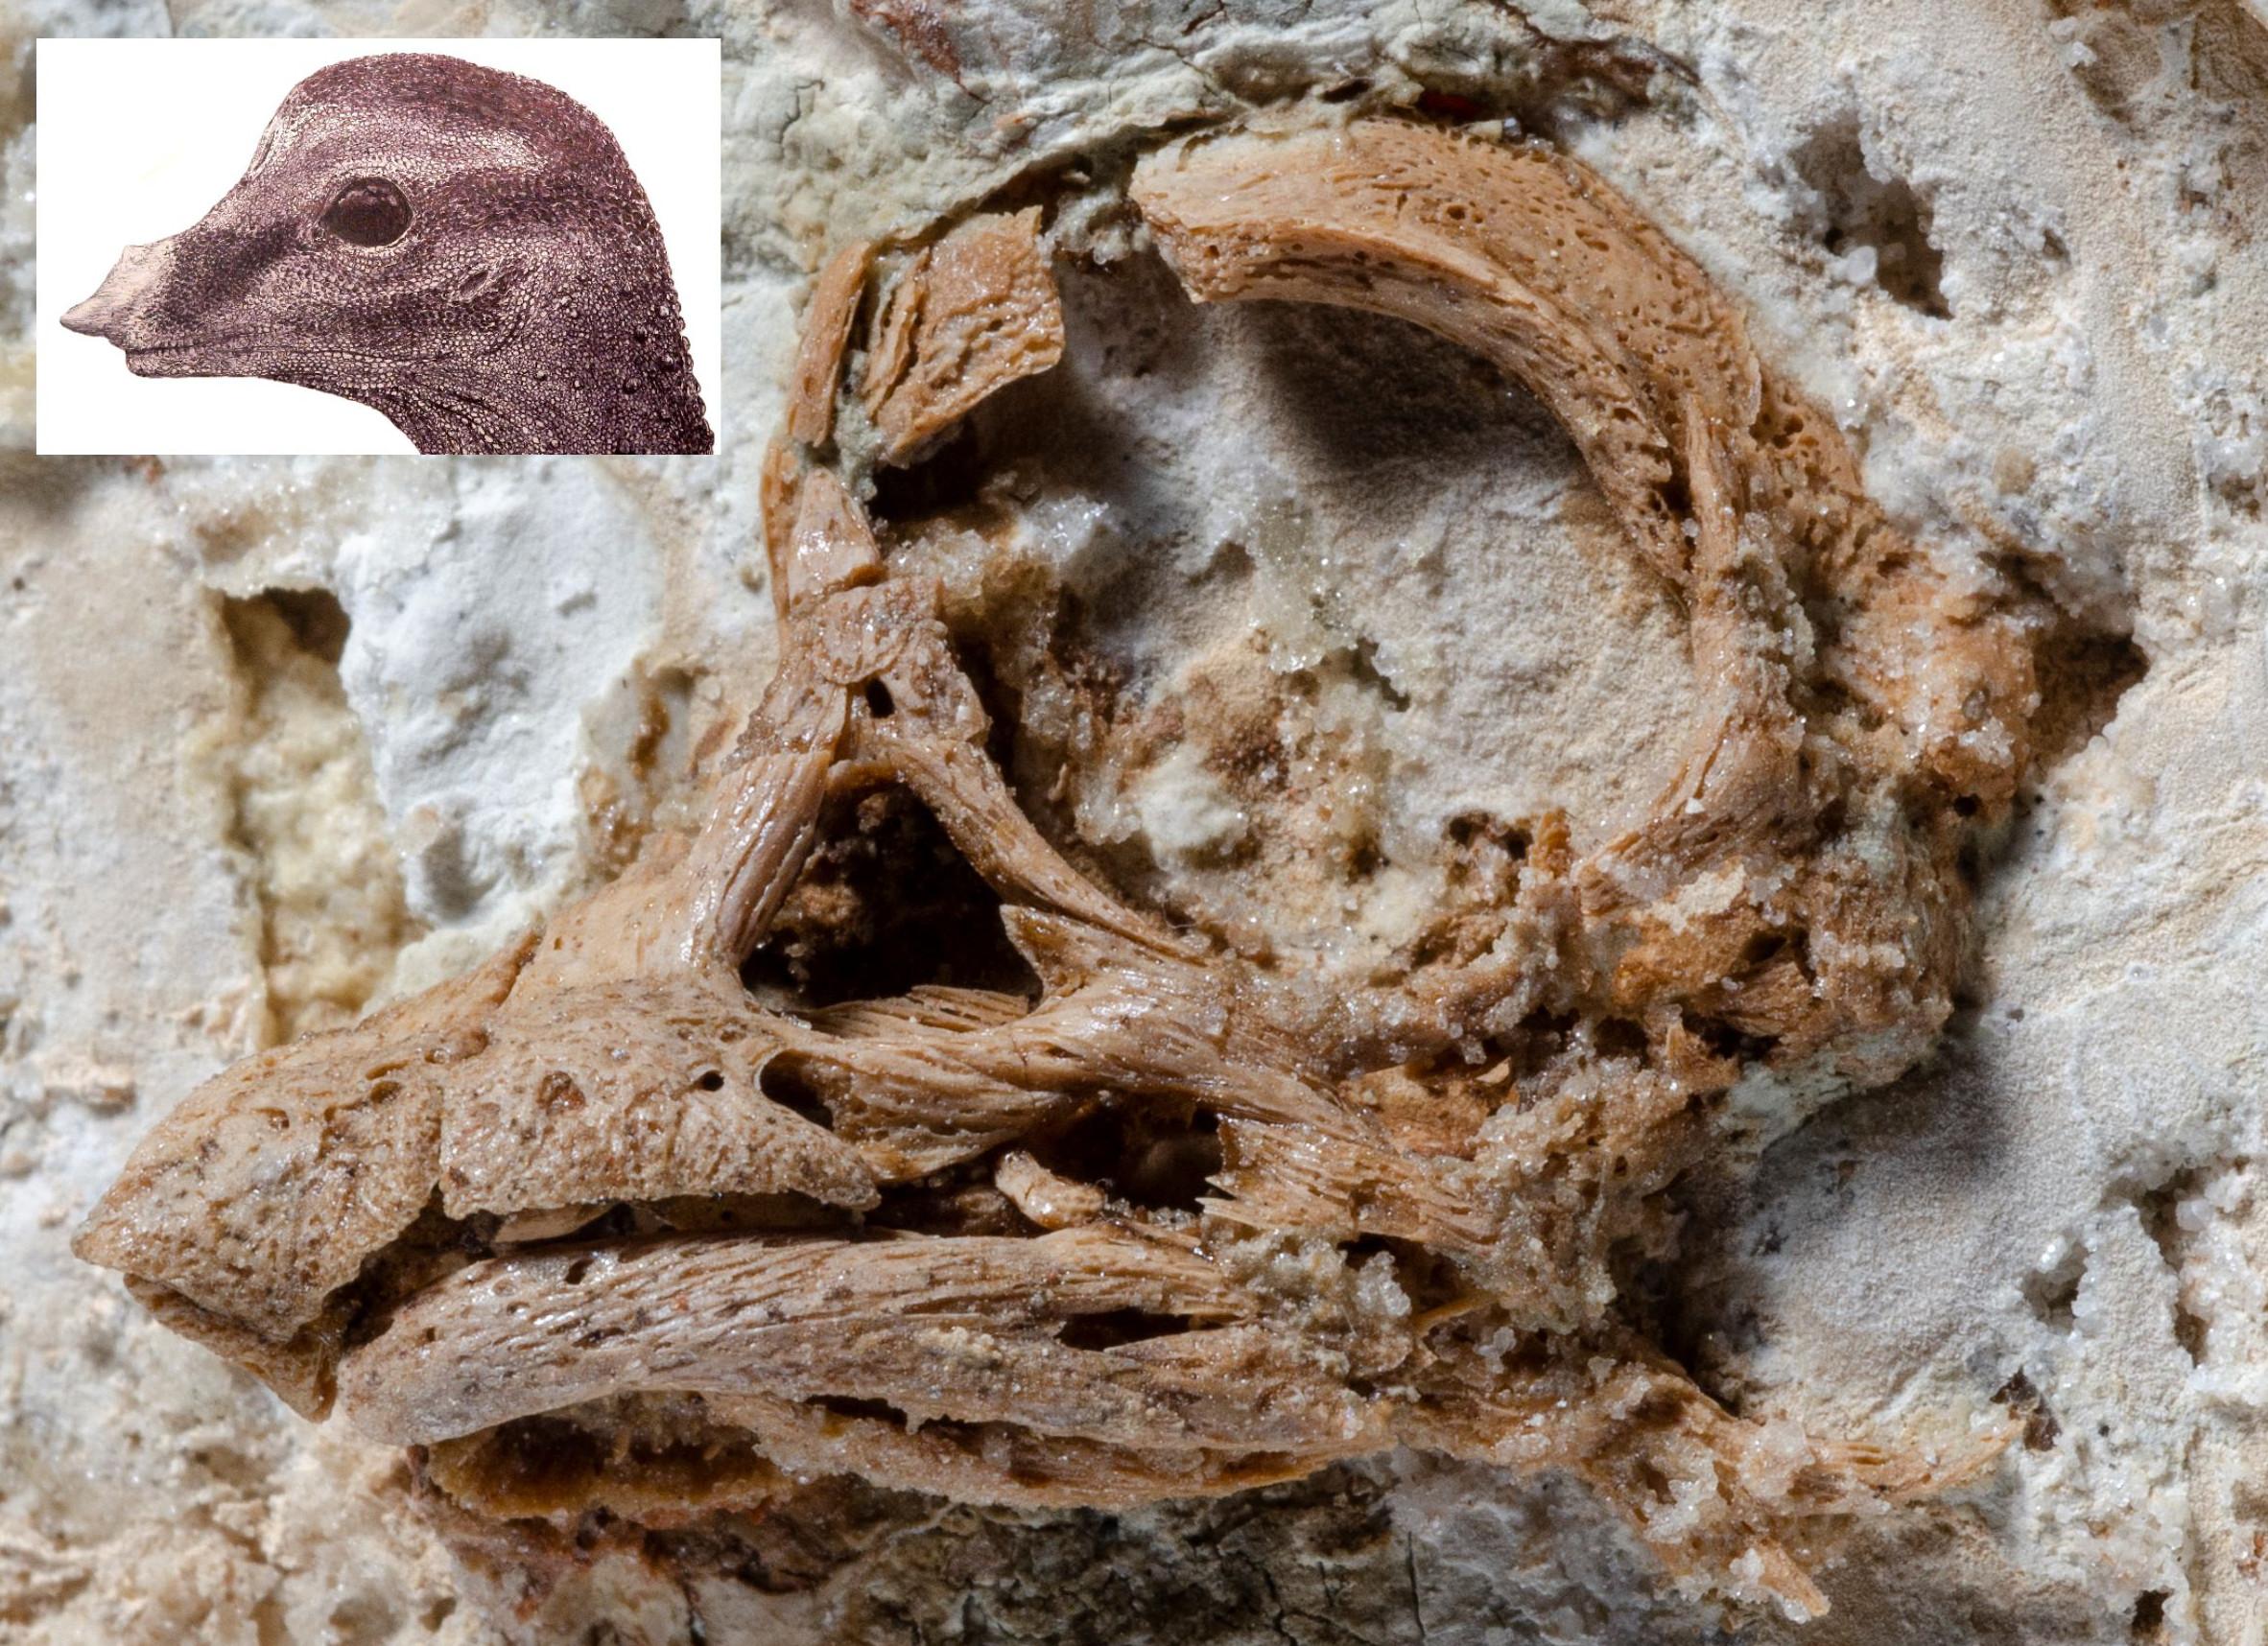 O crânio fossilizado com a reconstrução do artista mostrada ao lado esquerdo superior. Crédito: Kundrat et al. /Current Biology